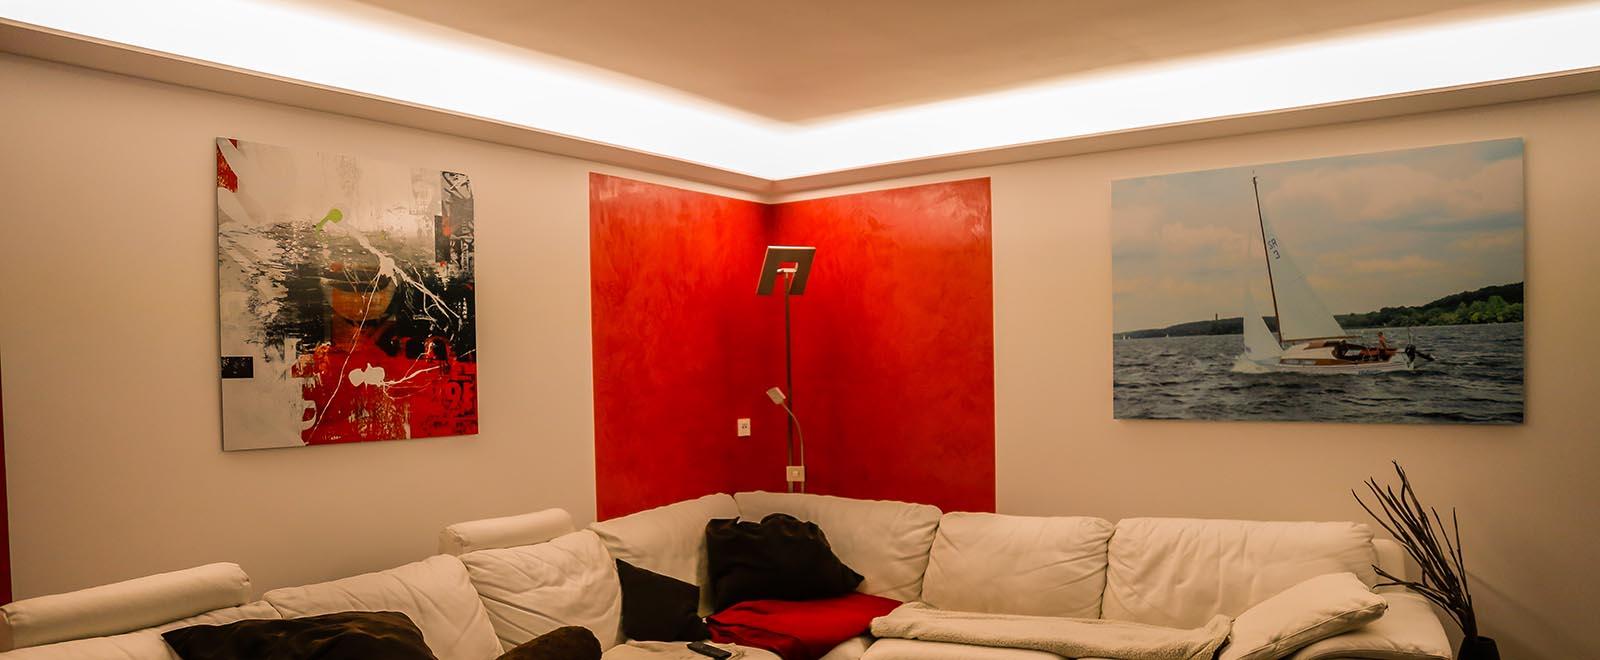 Full Size of Indirekte Beleuchtung Decke Der Mit Led Stuckleisten Tipps Infos Deckenlampe Esstisch Deckenleuchten Küche Schlafzimmer Deckenleuchte Badezimmer Wohnzimmer Indirekte Beleuchtung Decke